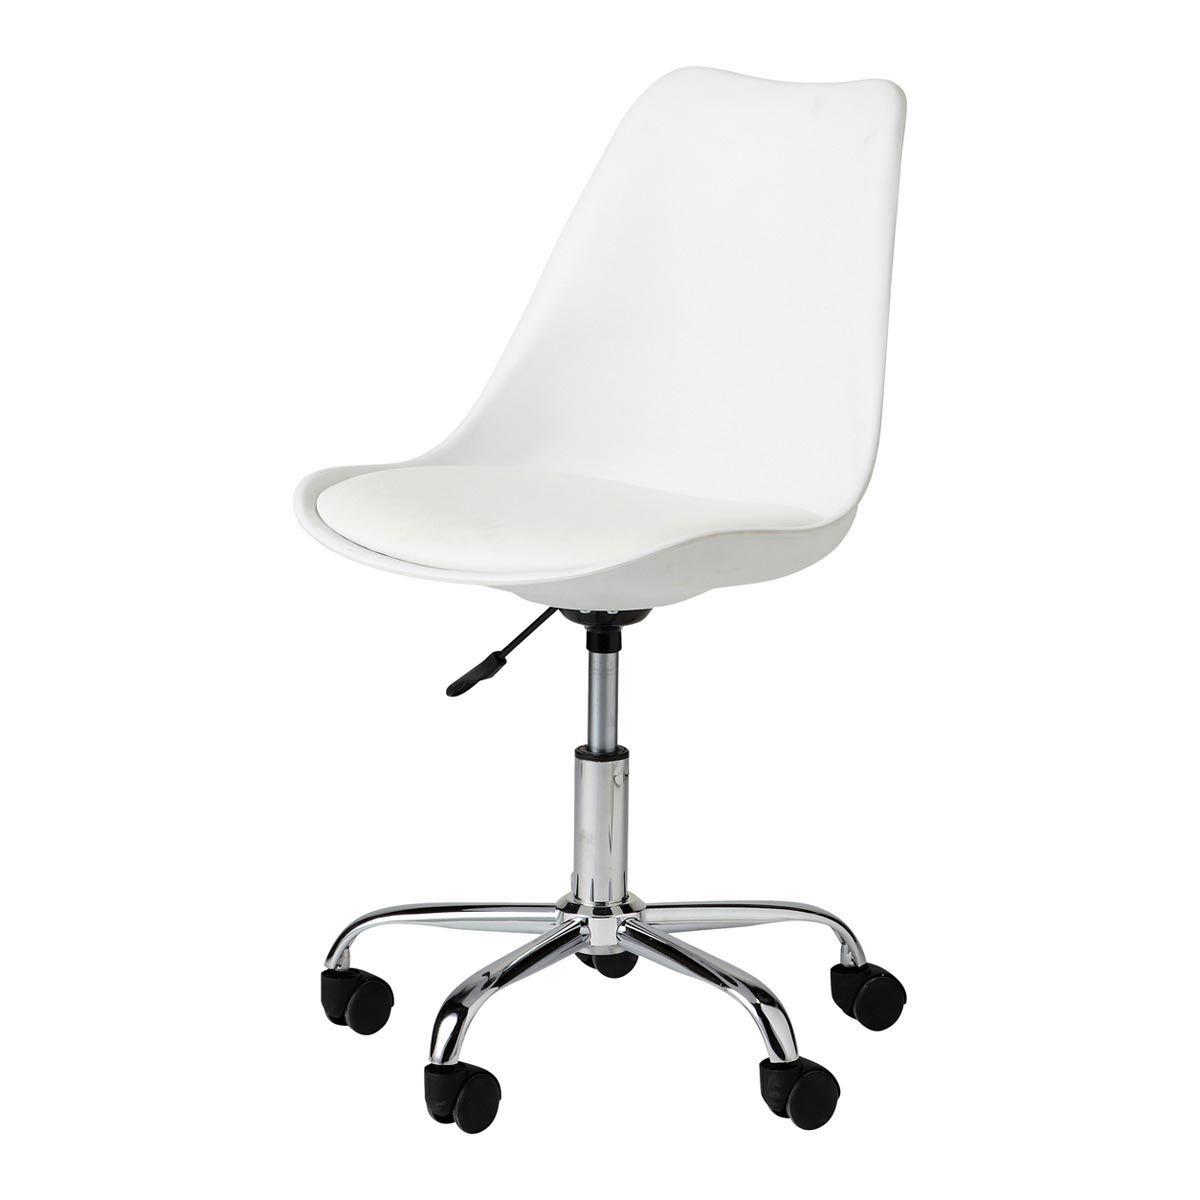 Bureaustoel Op Wieltjes Witte Burostuhl Weiss Schreibtisch Weiss Und Esszimmerstuhl Kissen